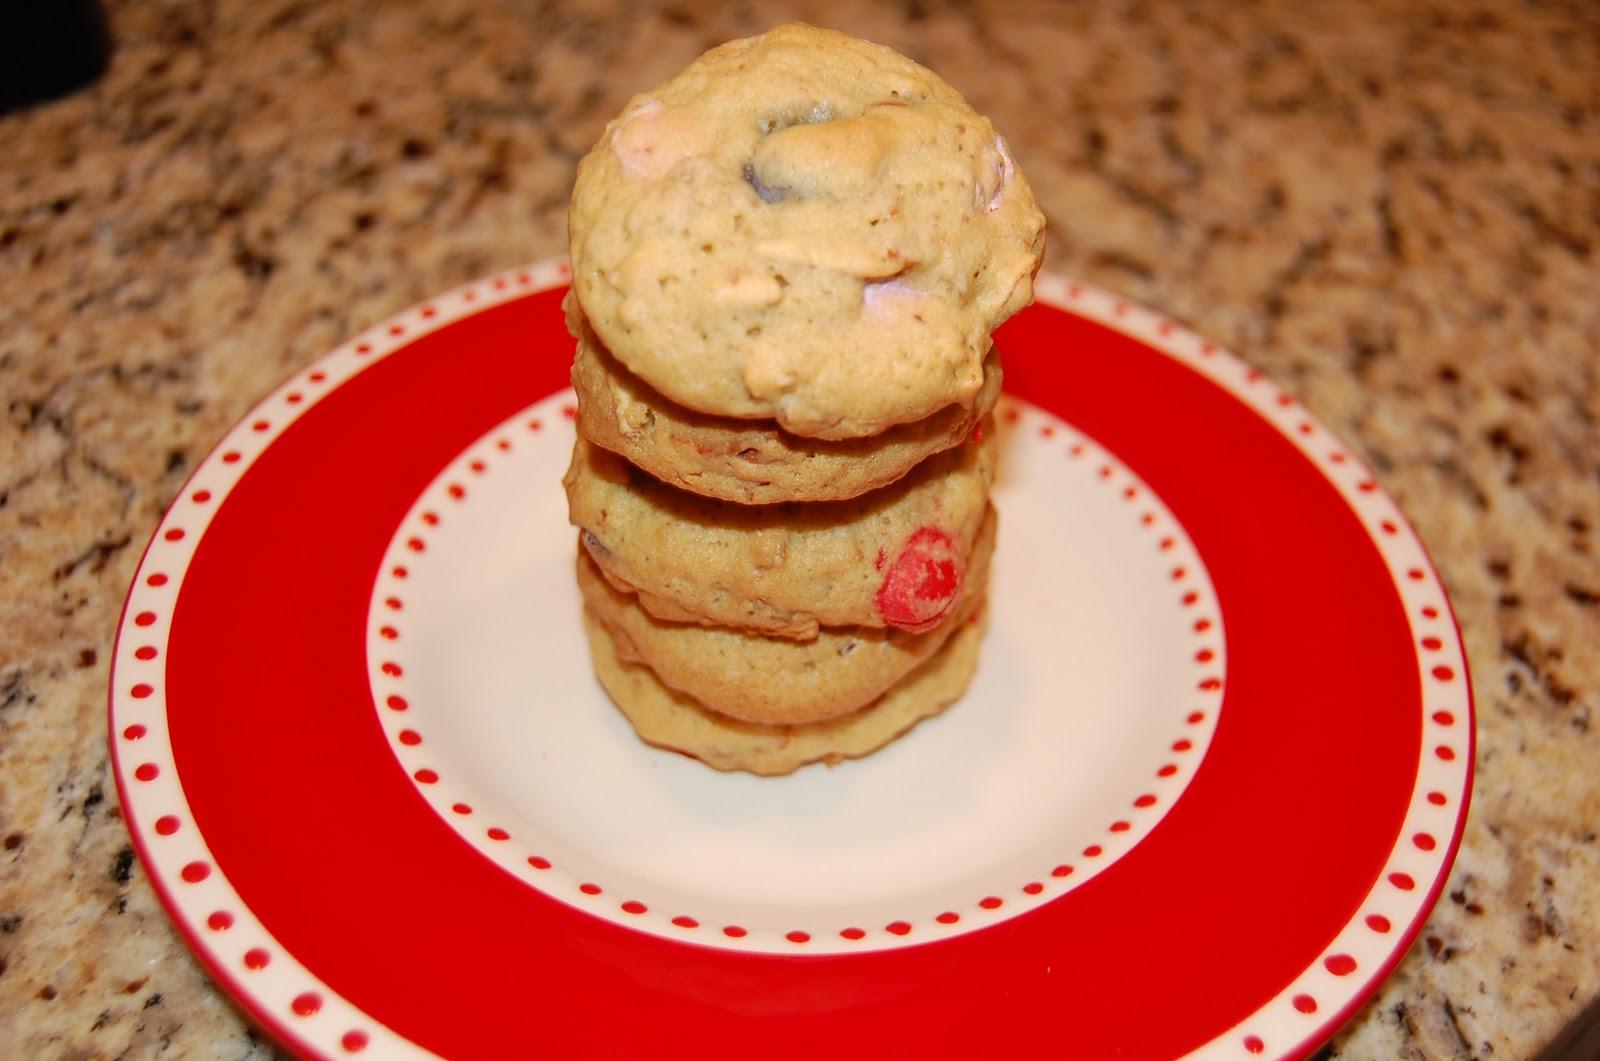 http://4.bp.blogspot.com/-BpLEpunDETs/TWEddPPZcUI/AAAAAAAAFRo/Re6Q3q-cdw8/s1600/cookies%2B004.JPG